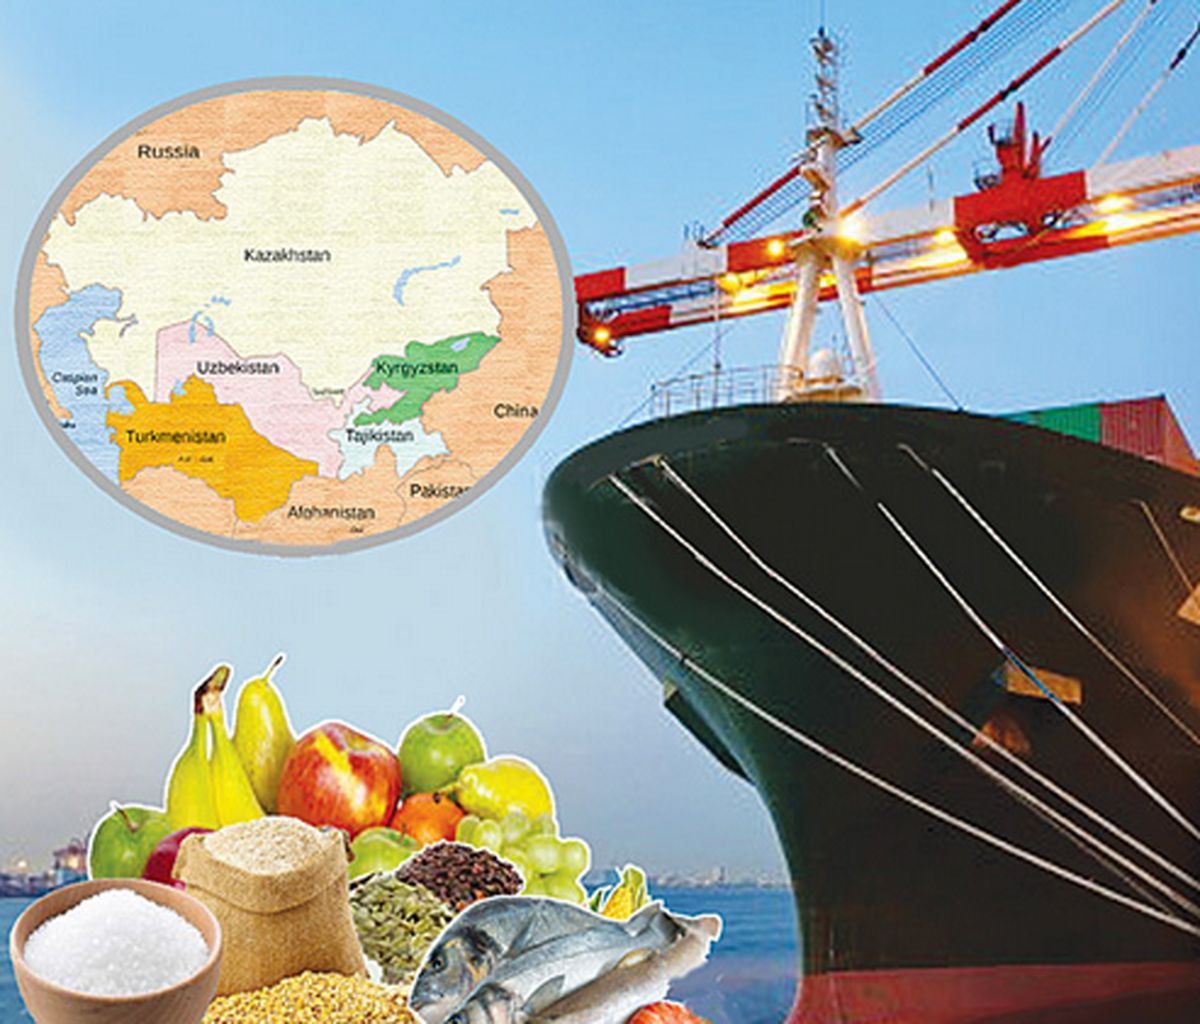 افزایش ۱۲درصدی صادرات محصولات صنایع غذایی/ سهم ۲۰درصدی ایران از بازار صنایع غذایی روسیه